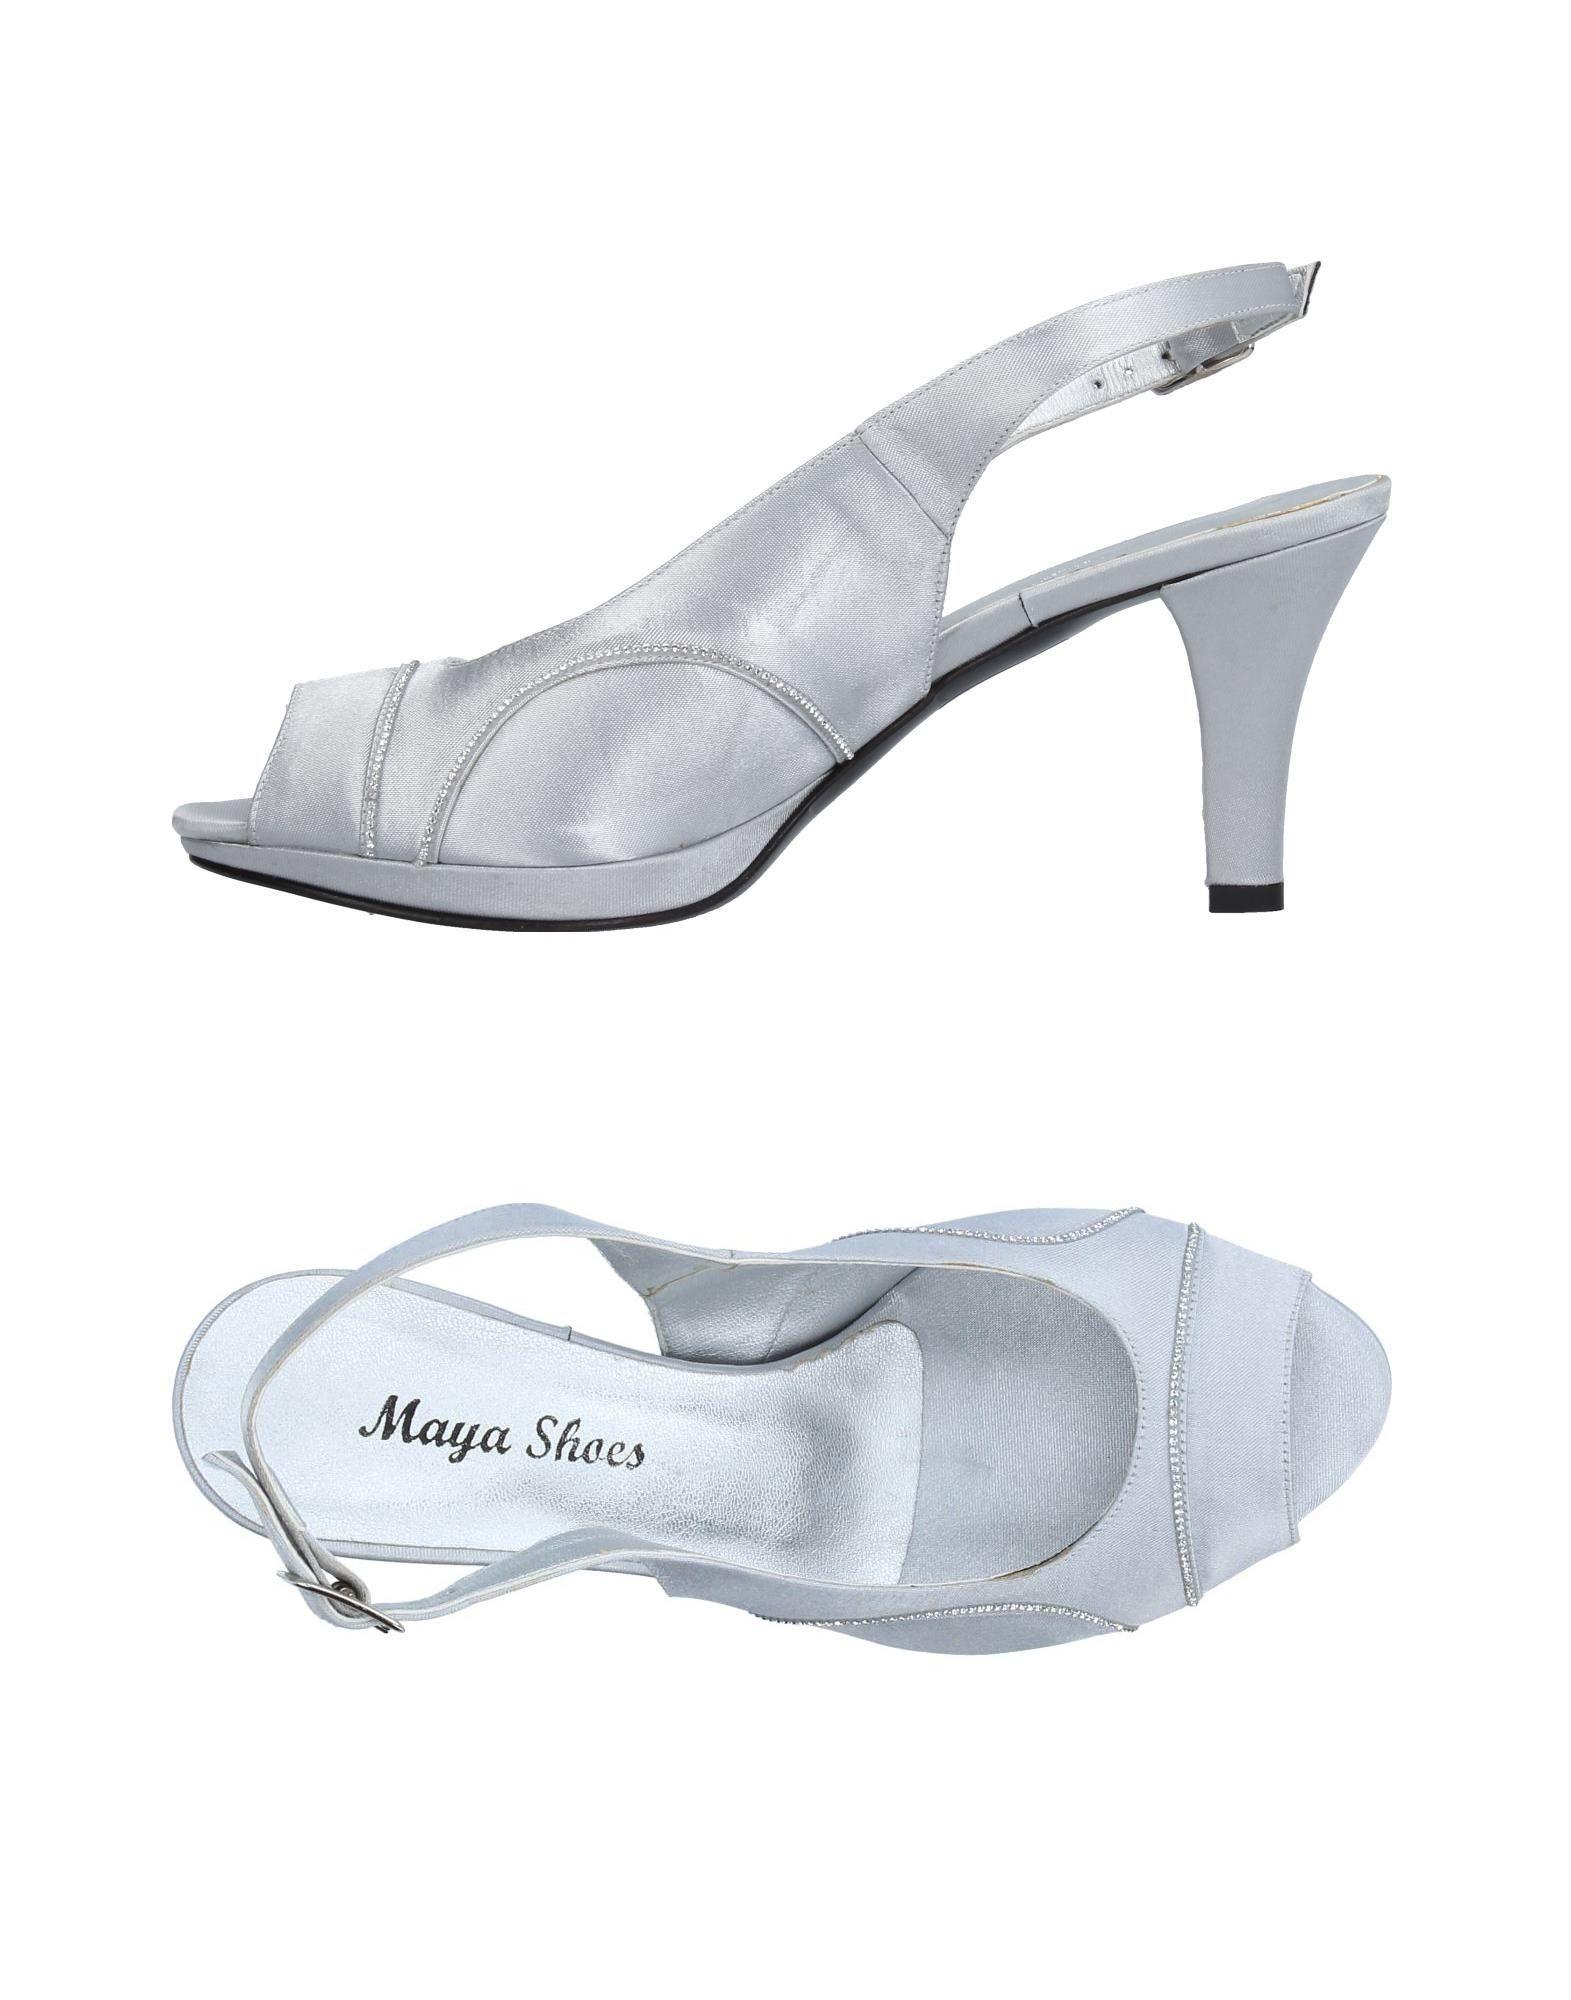 Sandali Maya Shoes Donna - 11212174RR